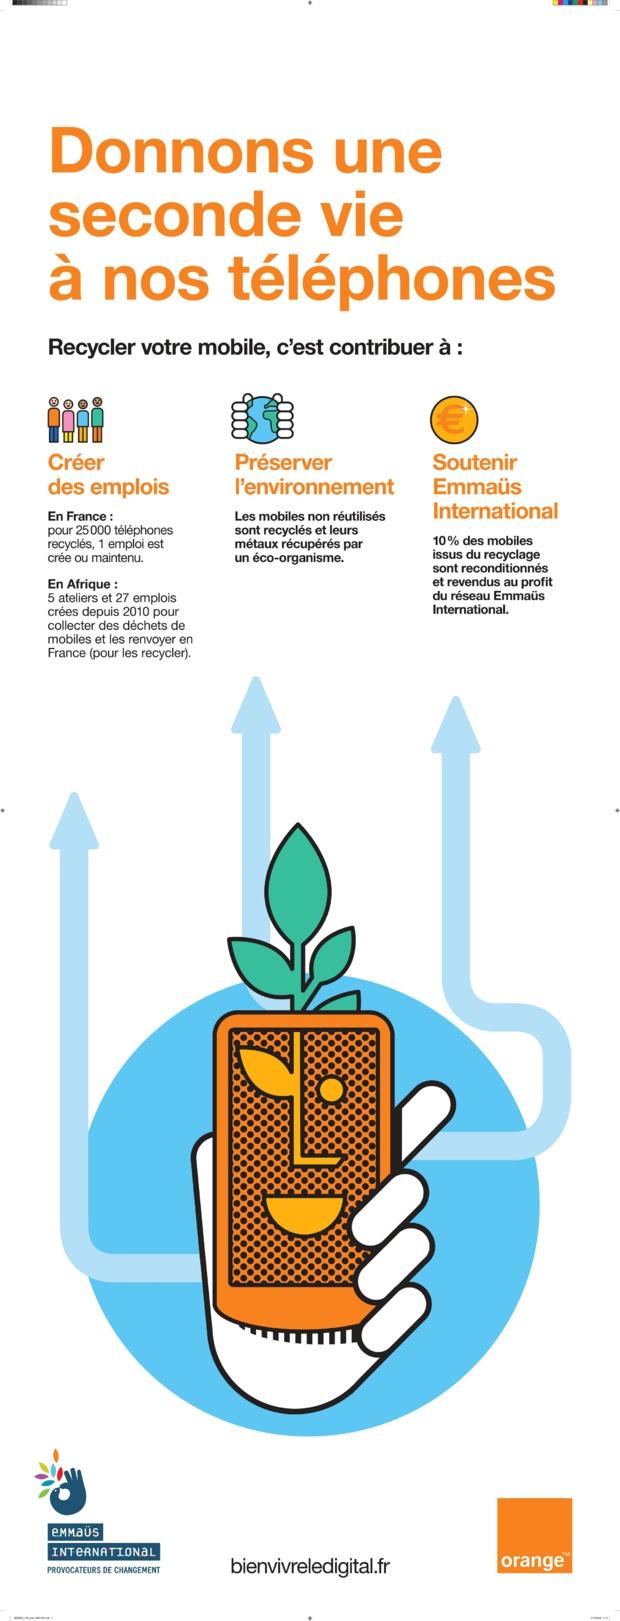 Economie circulaire : Orange Réunion « re », son programme pour accélérer le recyclage, la reprise et le reconditionnement des mobiles